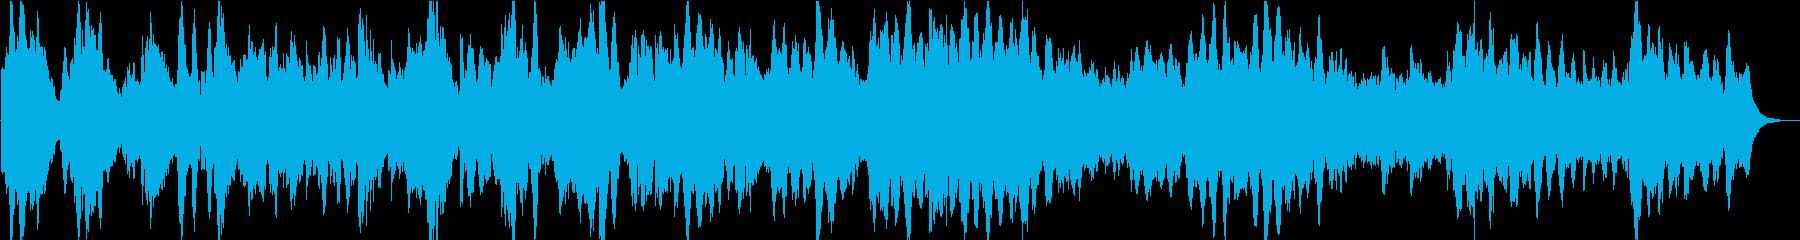 本物のアコースティックピアノと流れ...の再生済みの波形